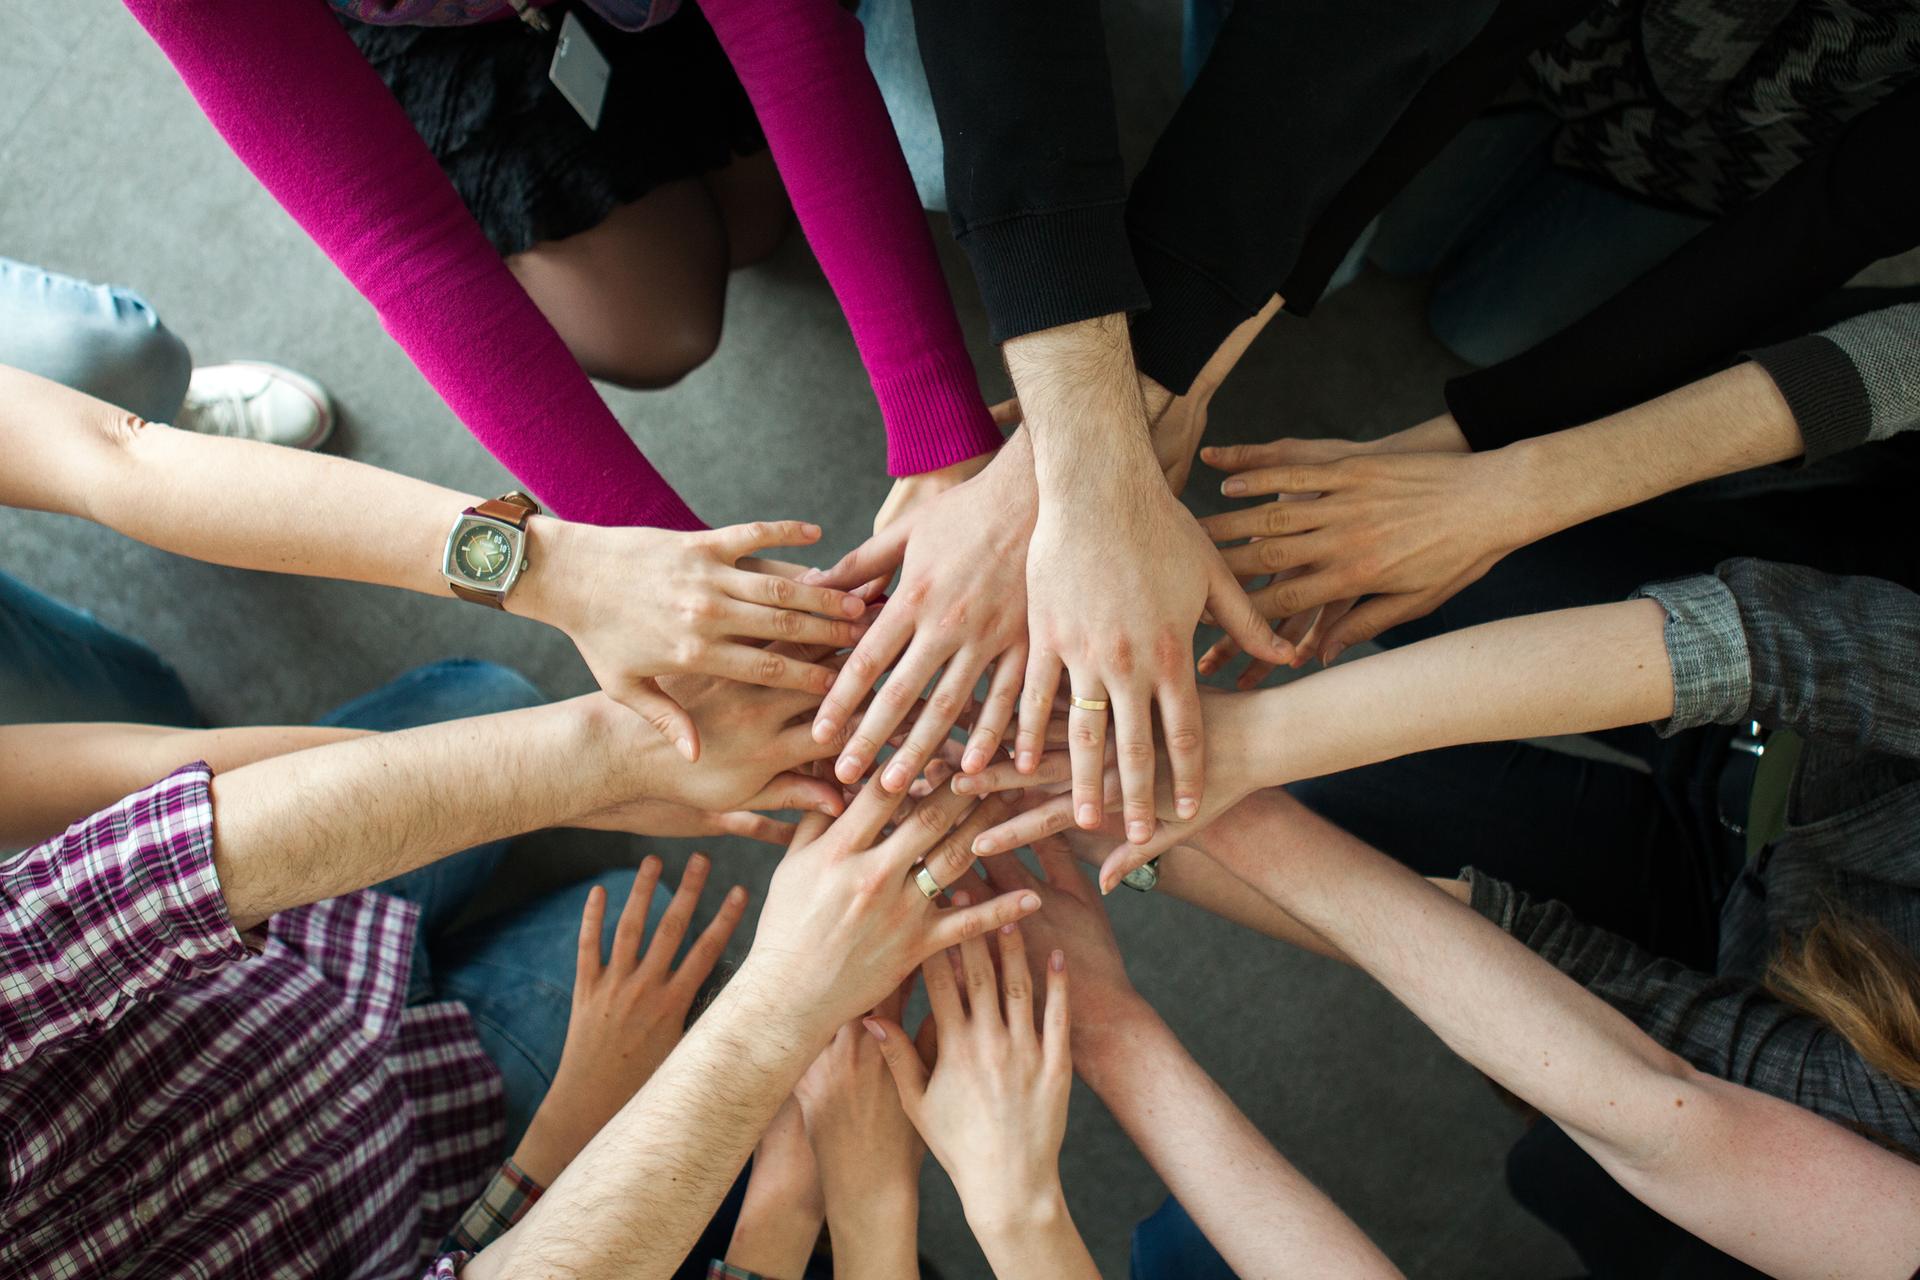 Kolorowe zdjęcie przedstawia osiem osób stojących wkręgu. Zbliżenie na ręce osób. Dłonie ułożone są jedna na drugiej. Ręce tworzą promienie.